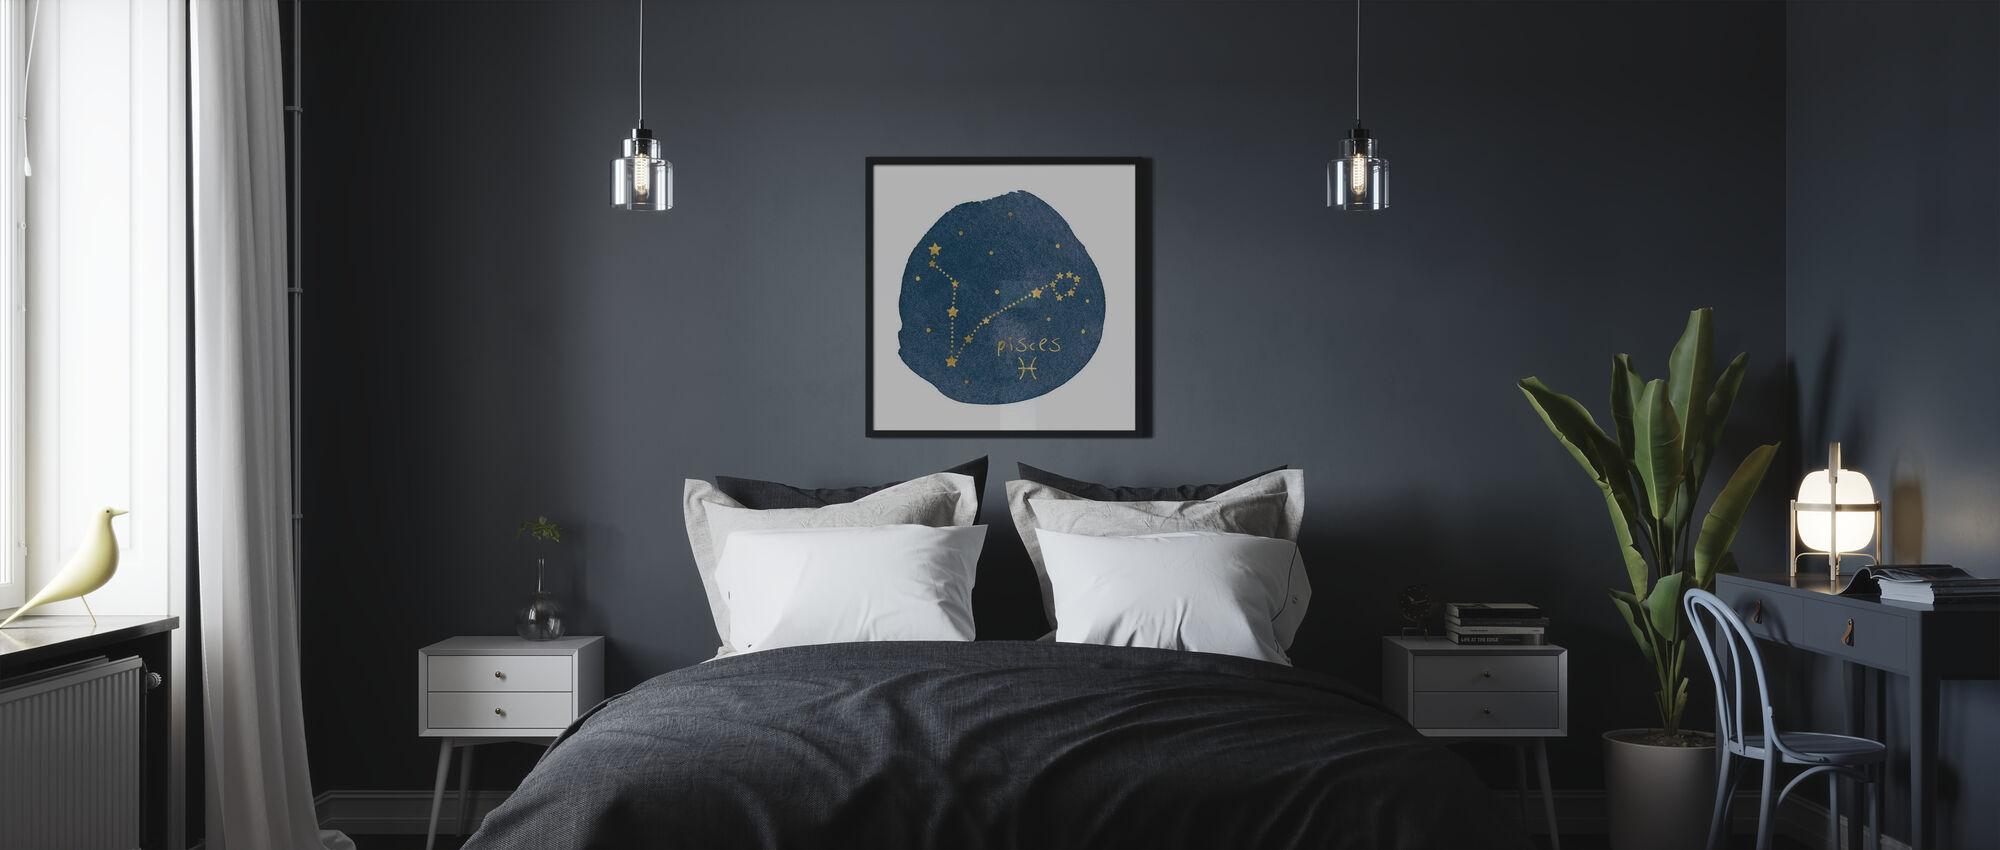 Horoskop Fiskarna - Poster - Sovrum